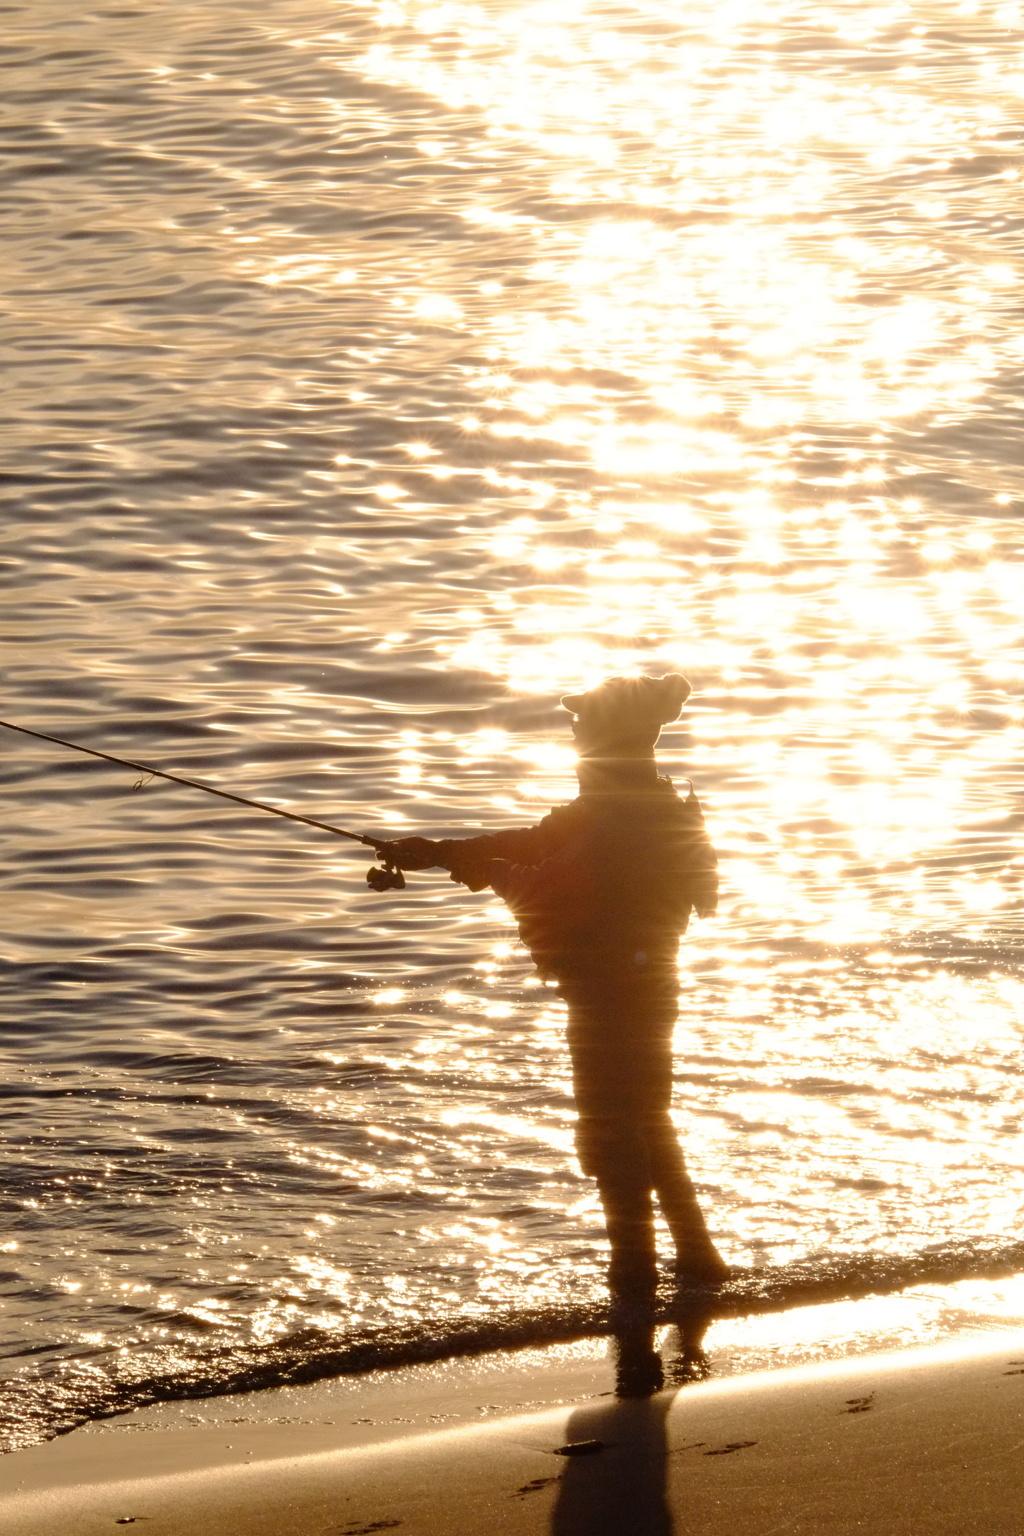 Fisherman in dusk